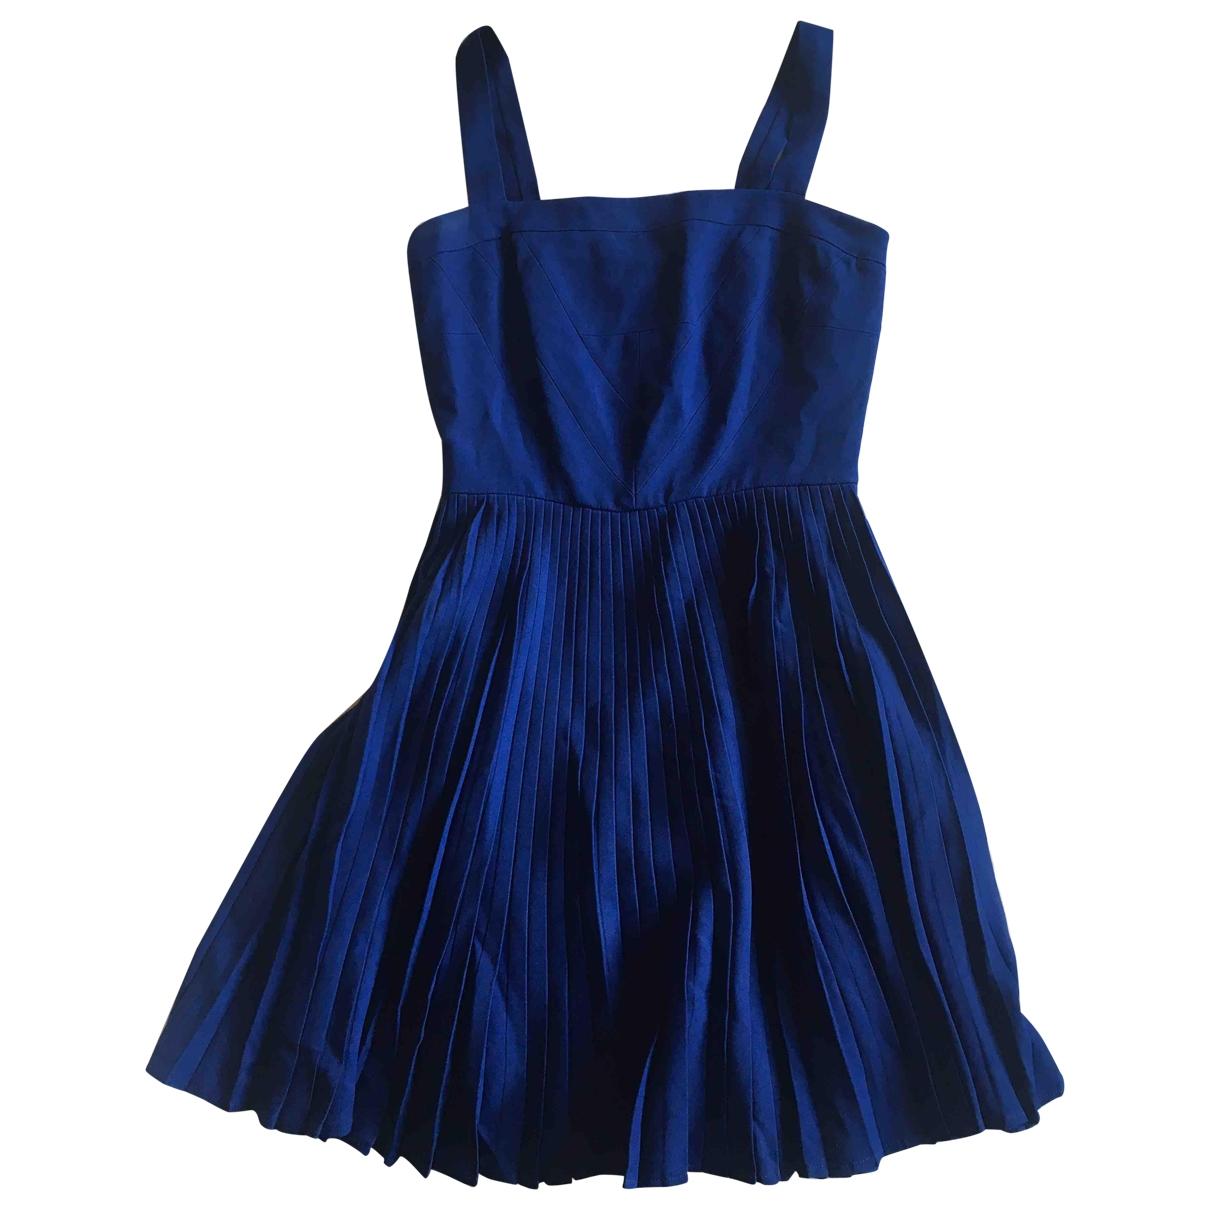 Versus \N Kleid in  Blau Synthetik